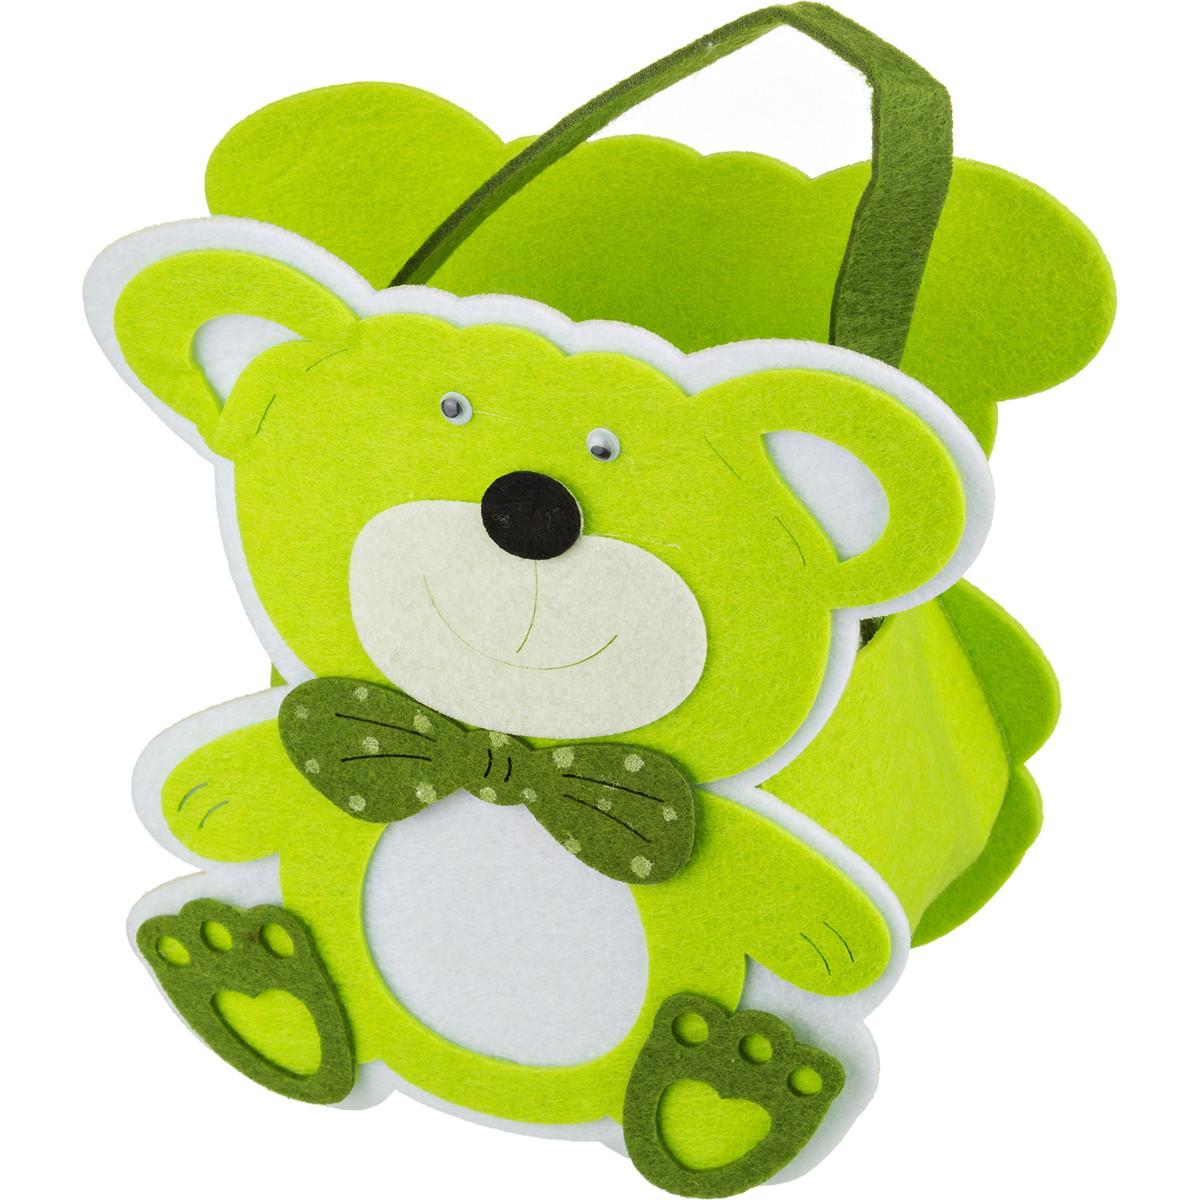 Купить Полотенца Santalino, Детское полотенце Montague (50х90 см), Россия, Зеленый, Махра